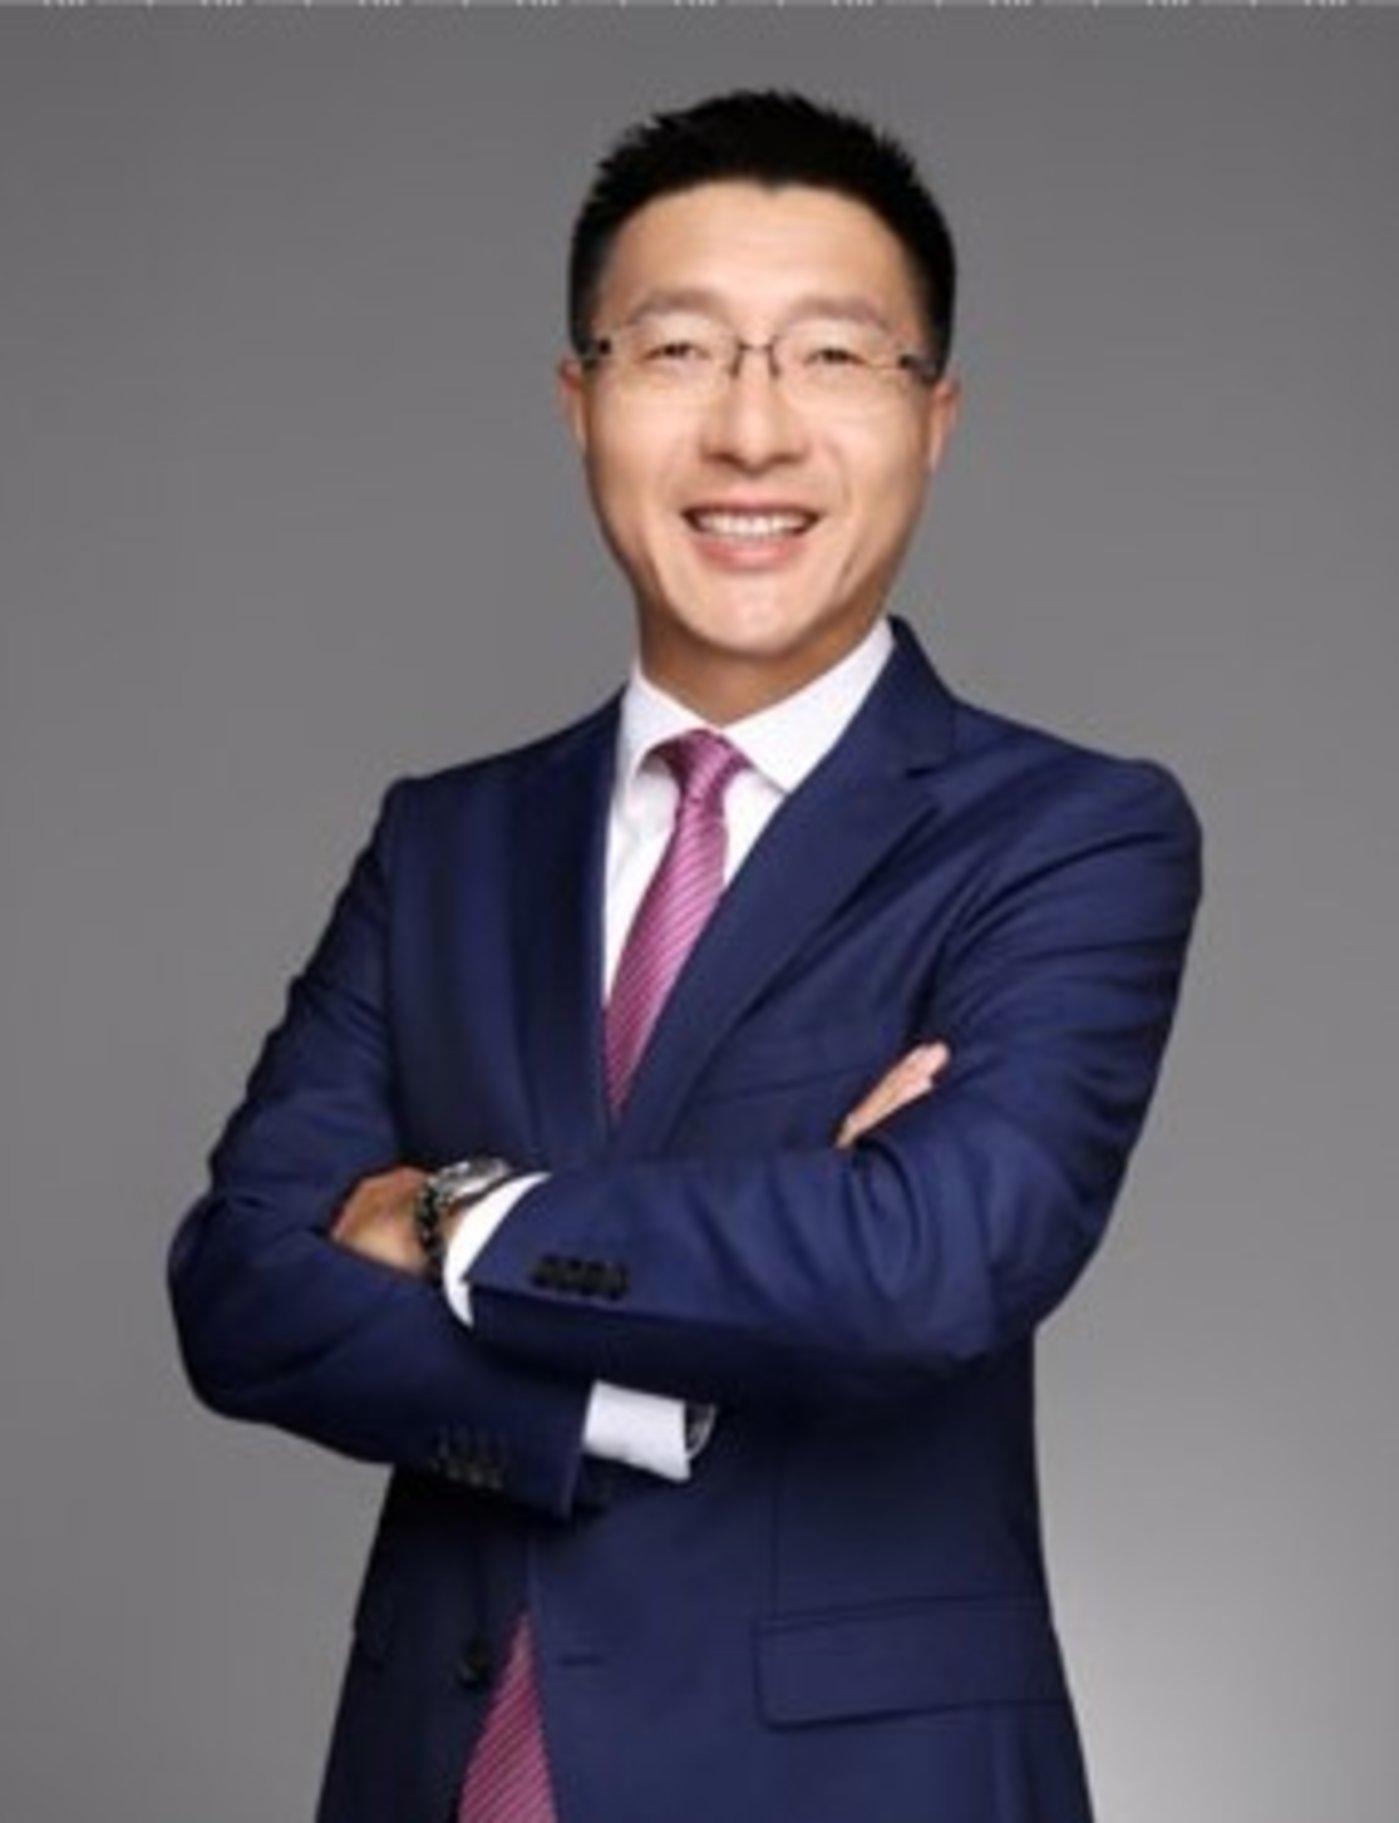 中南集团副总裁和首席信息官黄澄